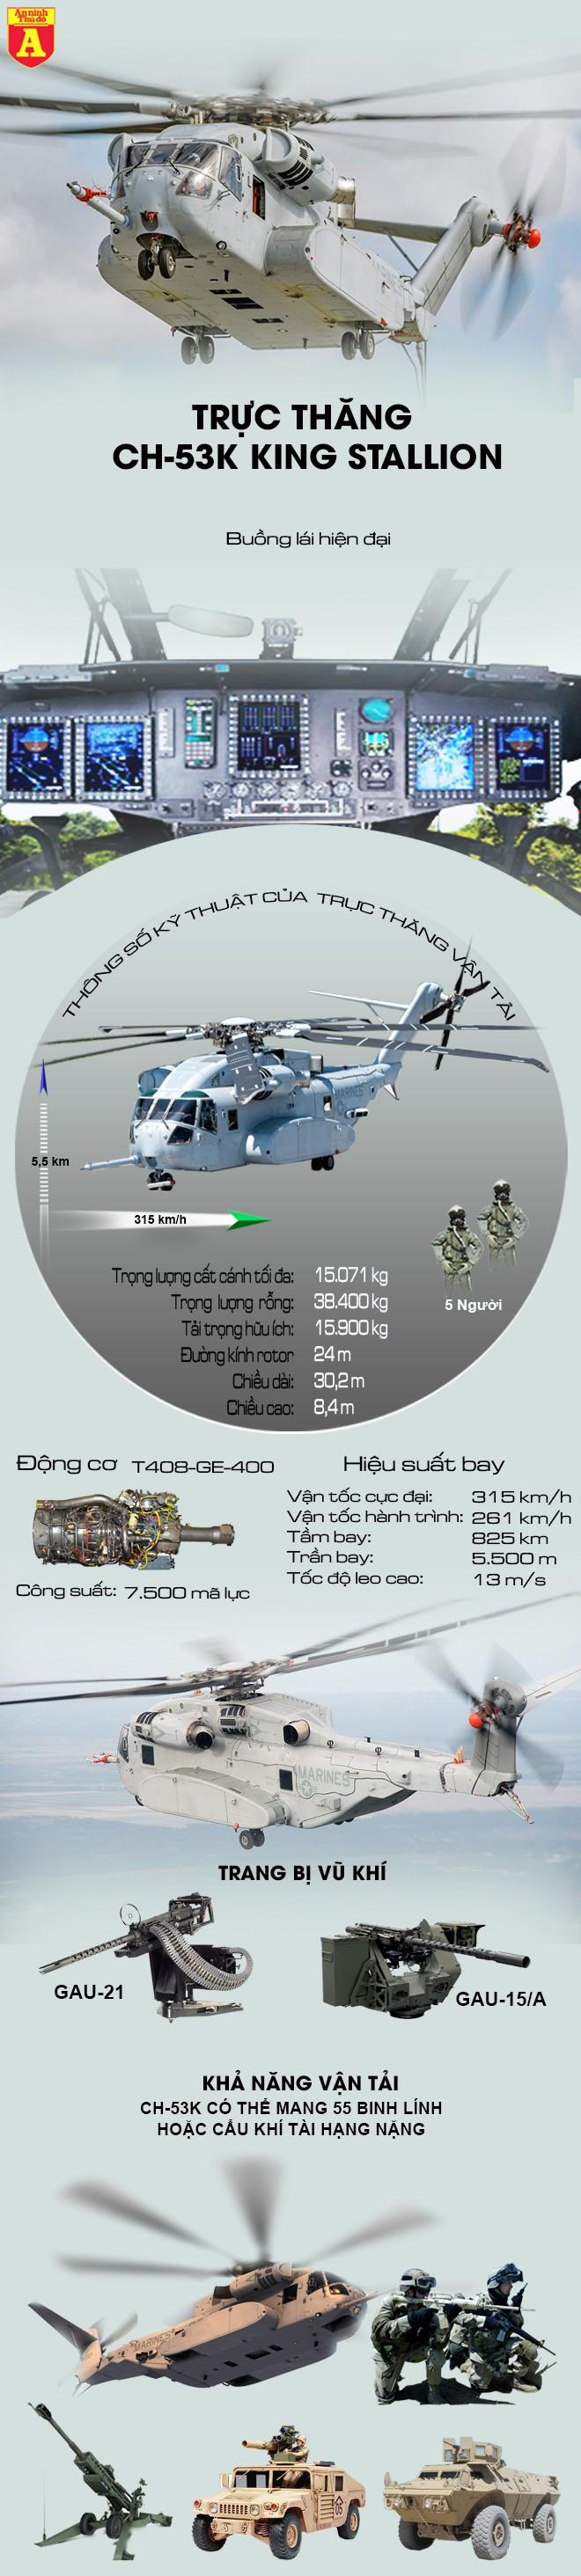 """[Info] Khám phá sức mạnh kinh hoàng của """"quái thú"""" CH-53K Mỹ ảnh 3"""